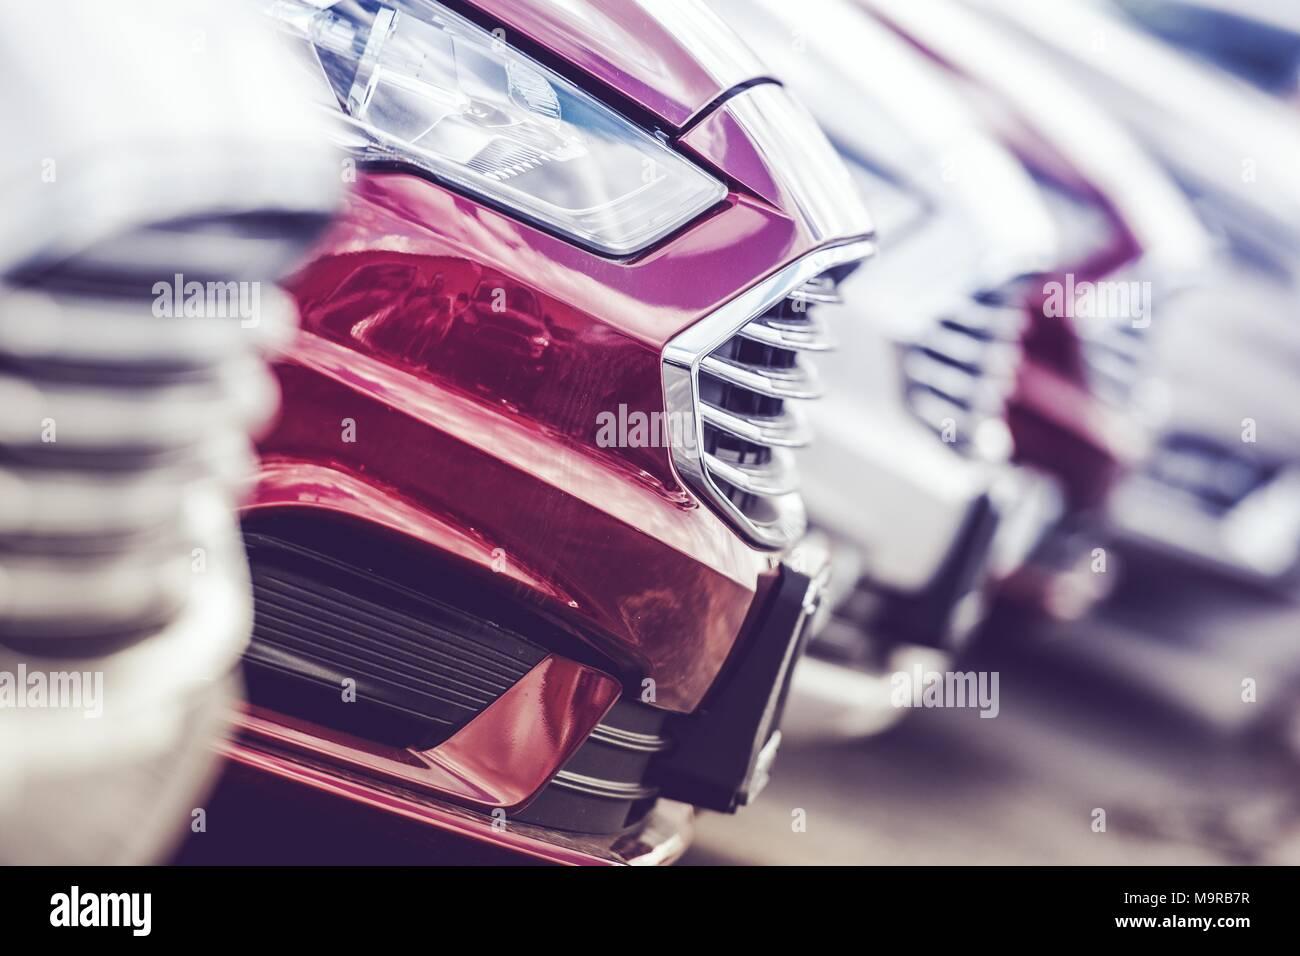 Concepto de la industria automotriz. Nueva línea de producción de automóviles. Los vehículos nuevos de la marca de fábrica en el lote. Imagen De Stock